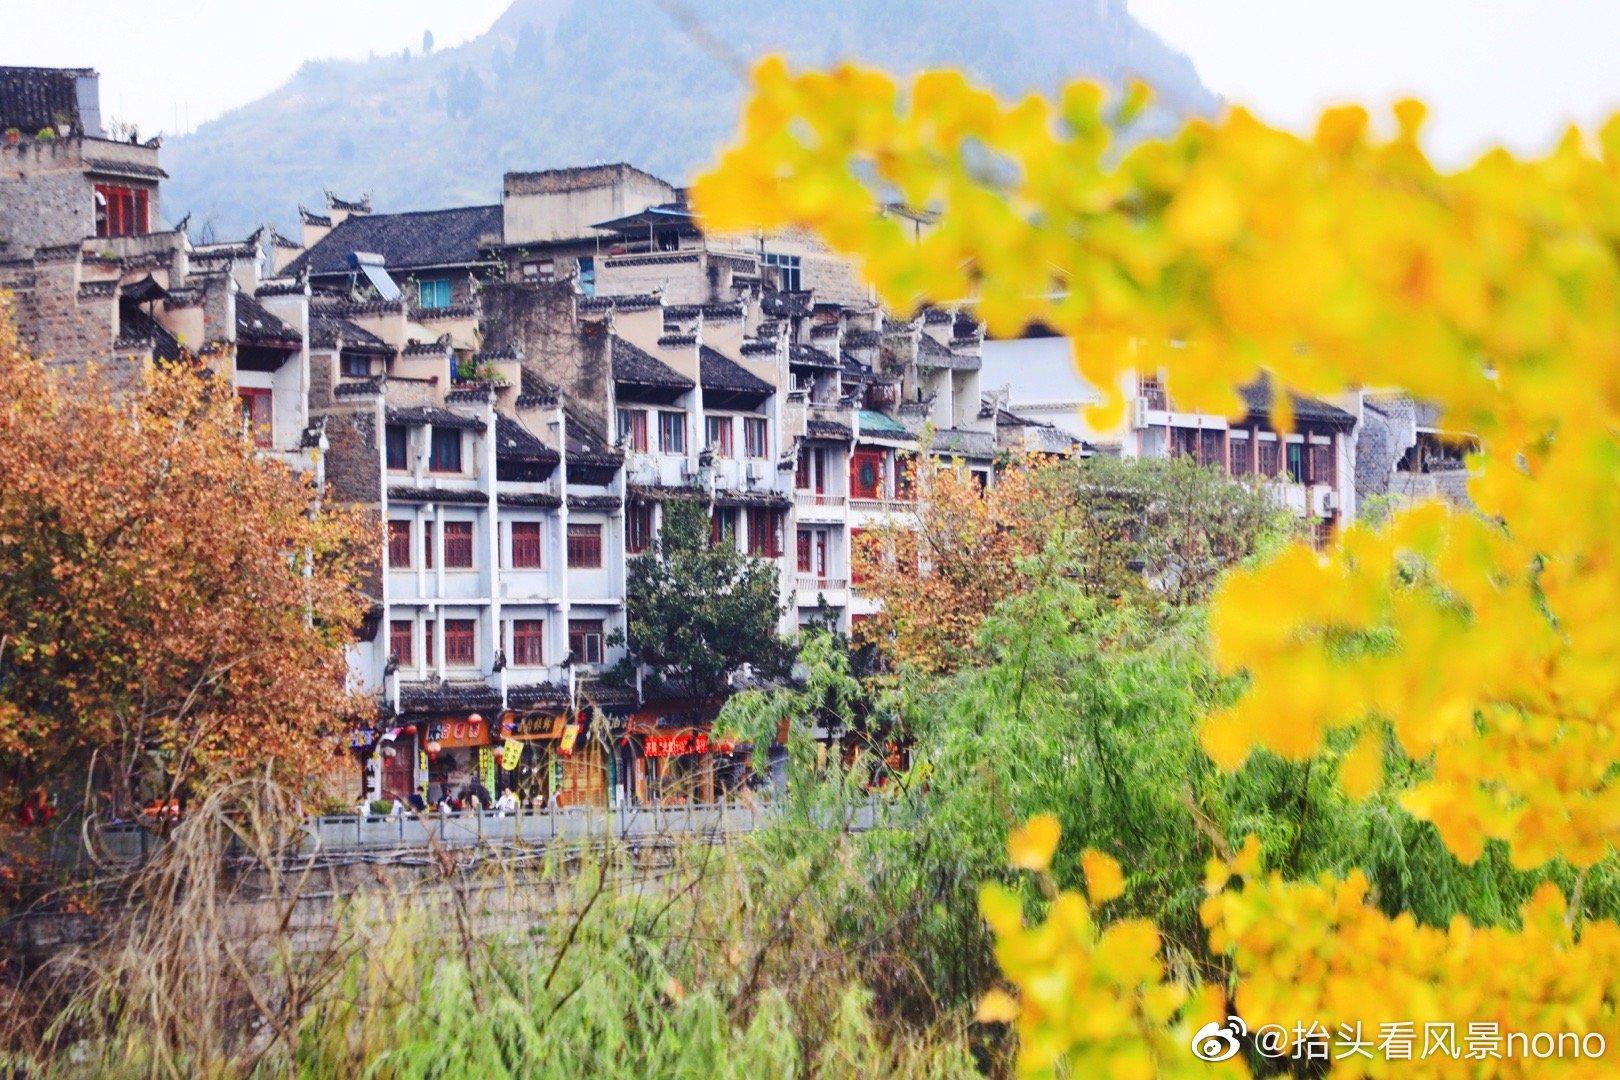 贵州,镇远古镇。秋末冬初,淡淡的秋色,舞阳河静静的流过